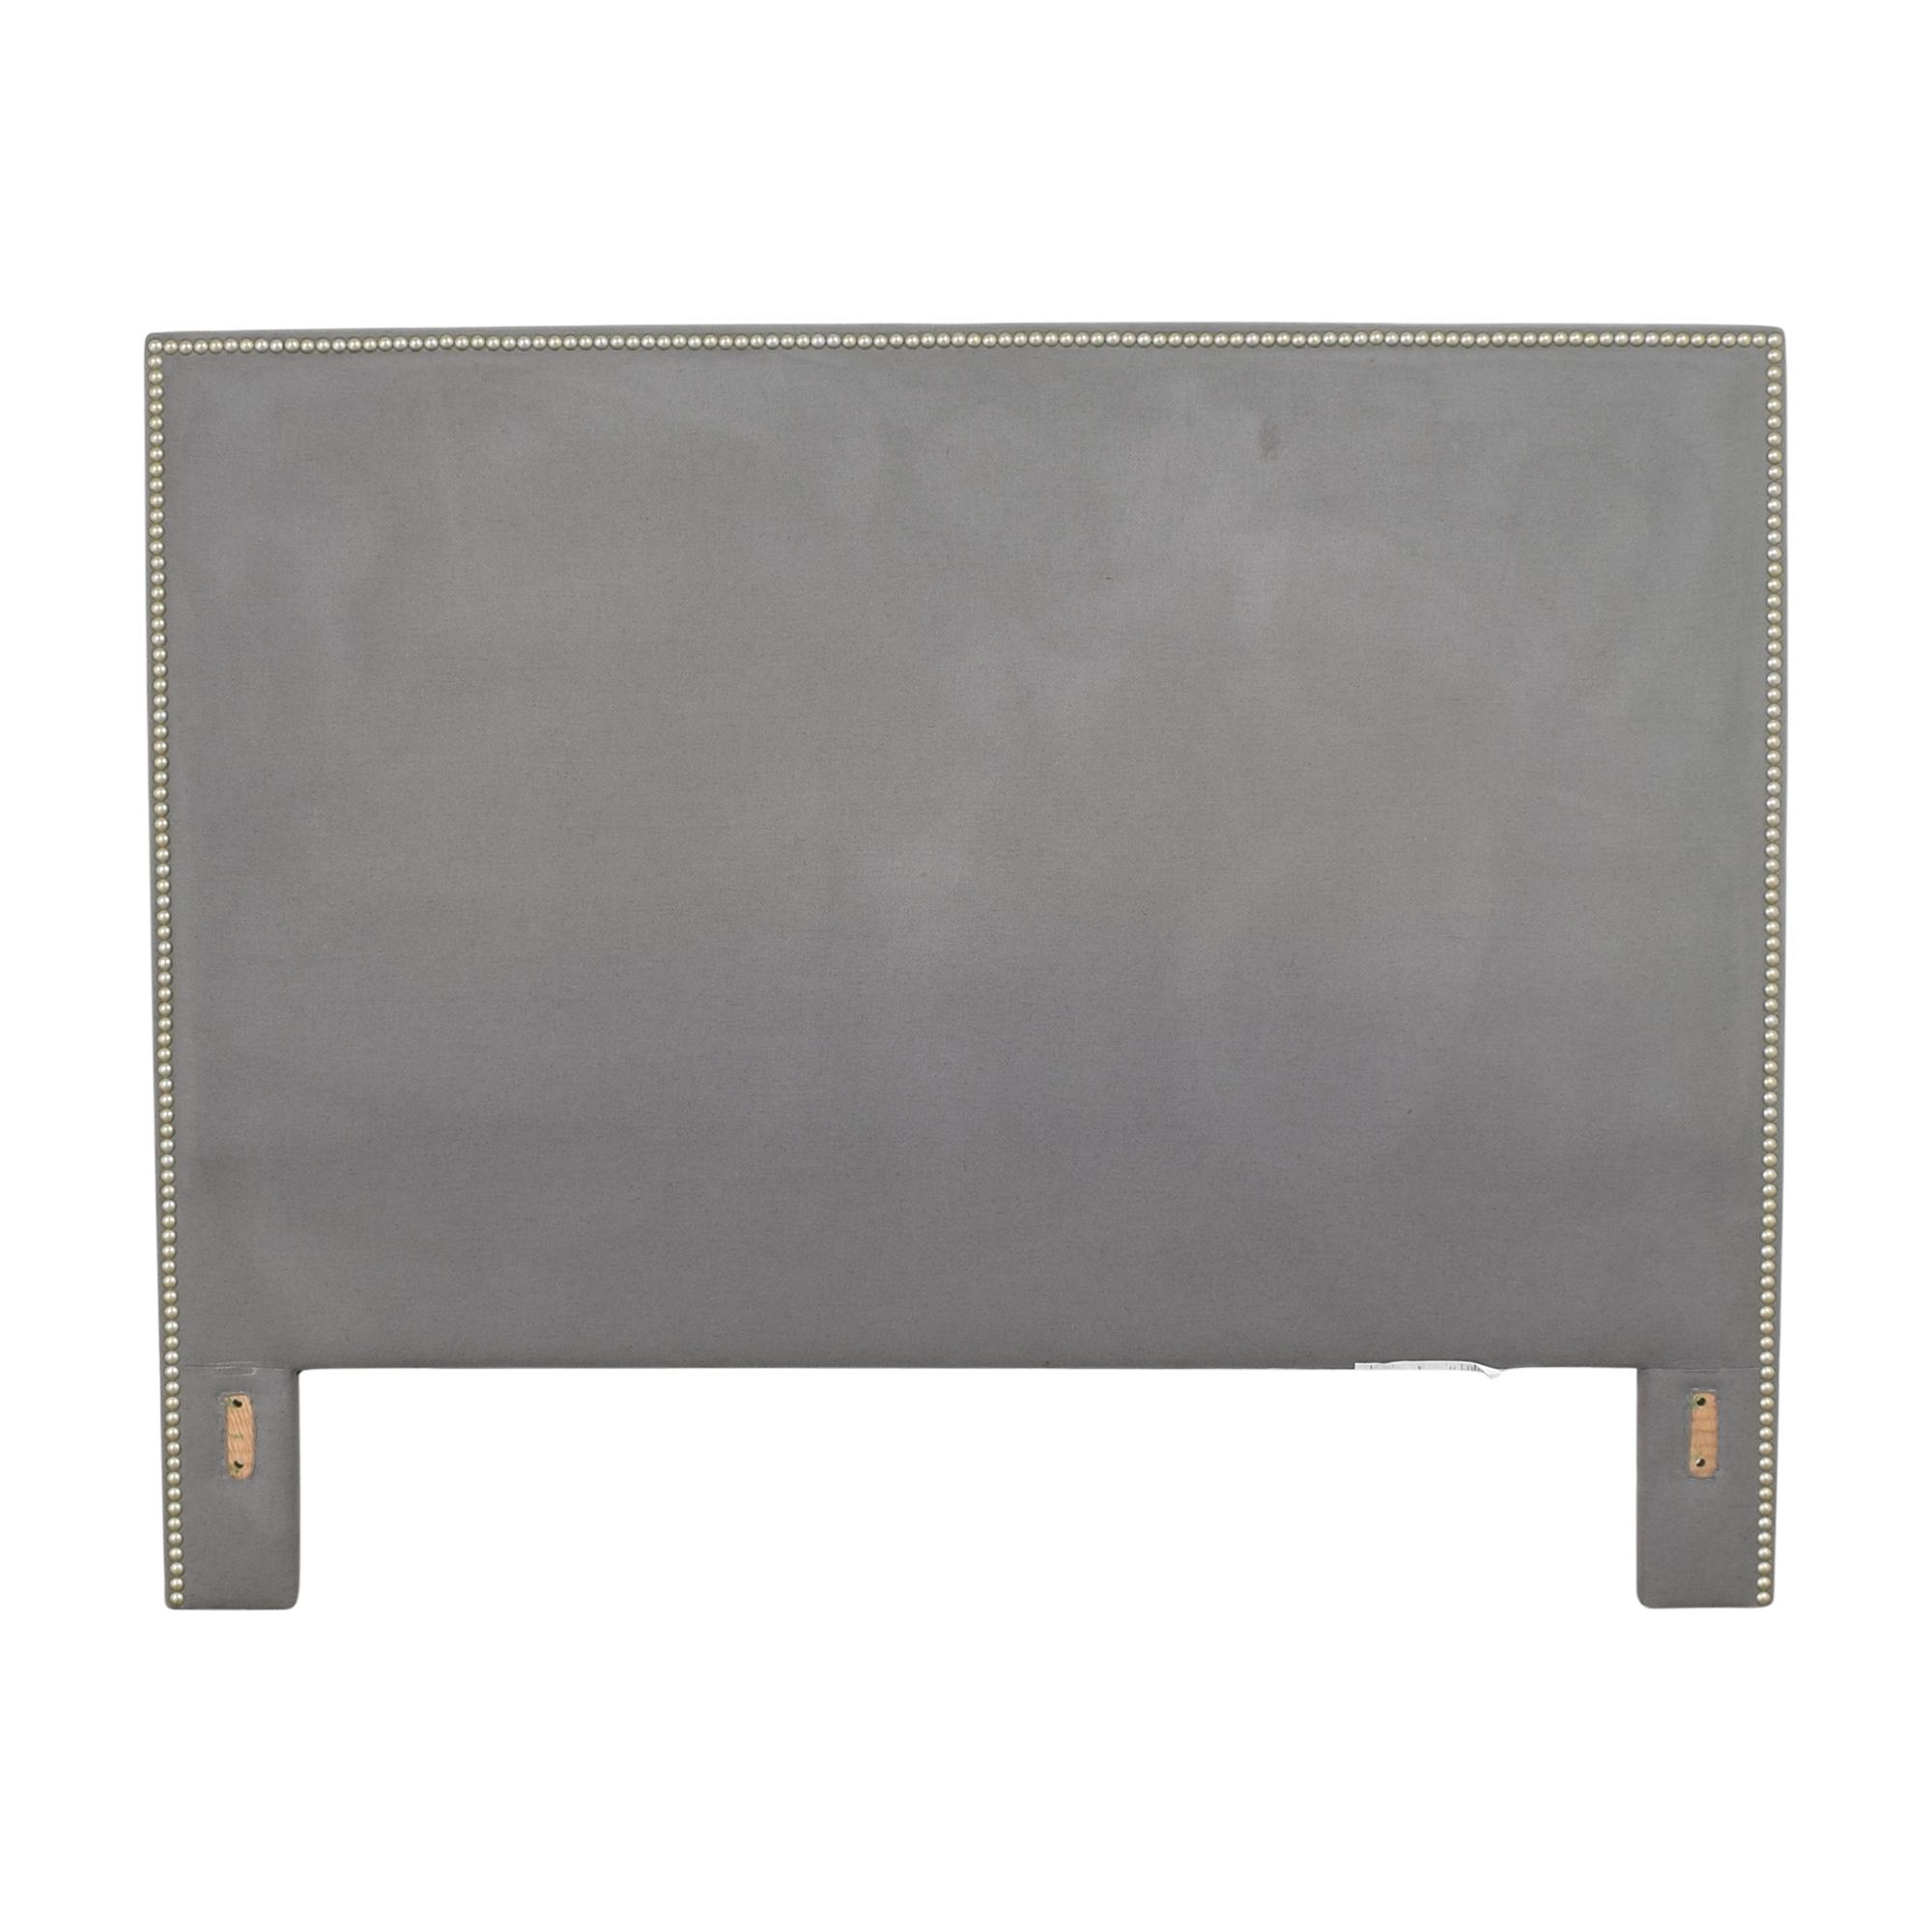 Crate & Barrel Crate & Barrel Cole Upholstered Queen Headboard